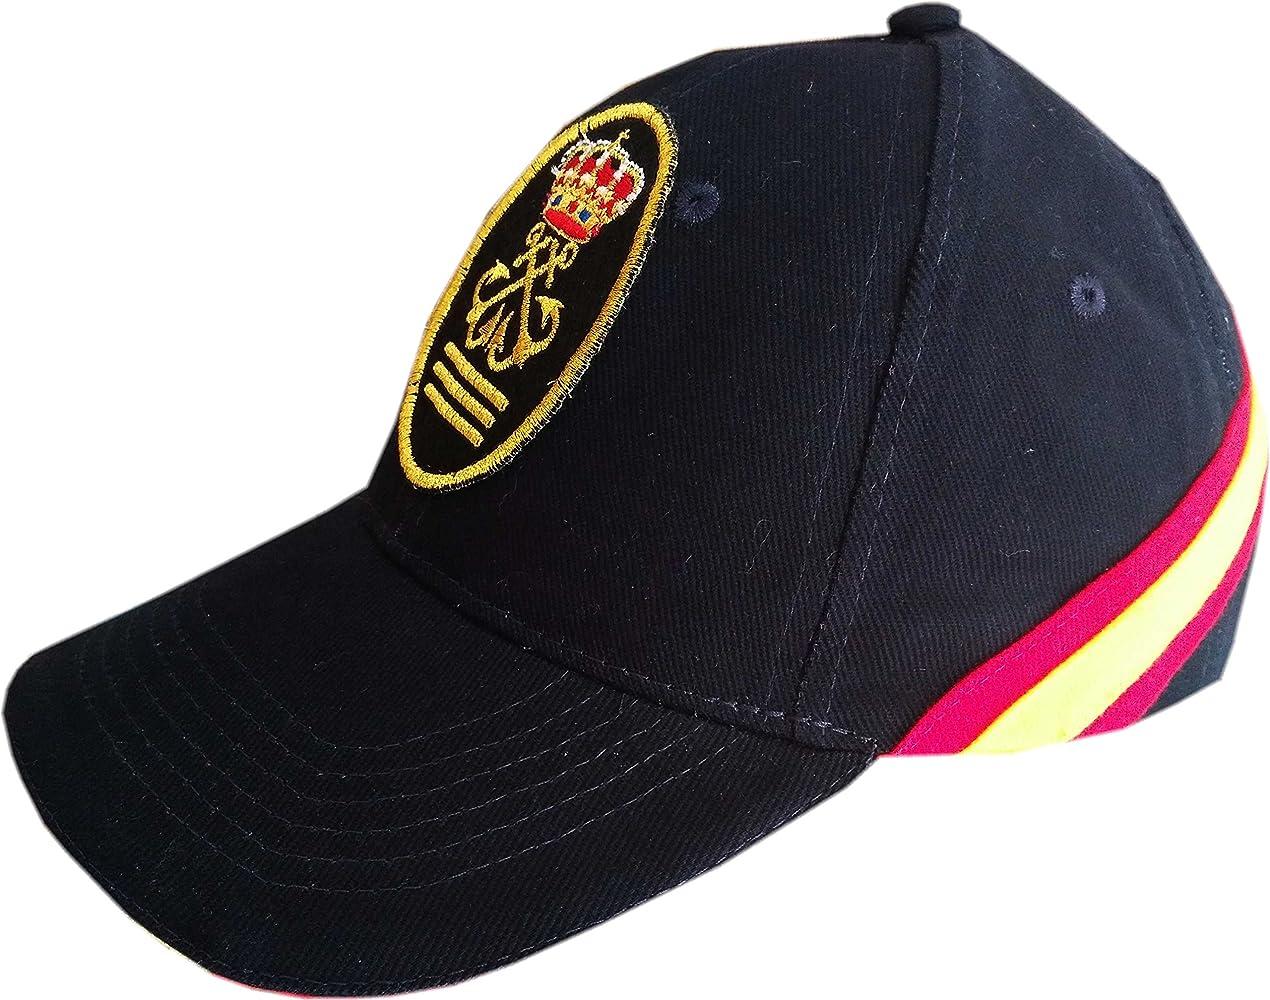 Gorra con Bandera España de Capitán de Yate (CY) (Azul Marino): Amazon.es: Ropa y accesorios